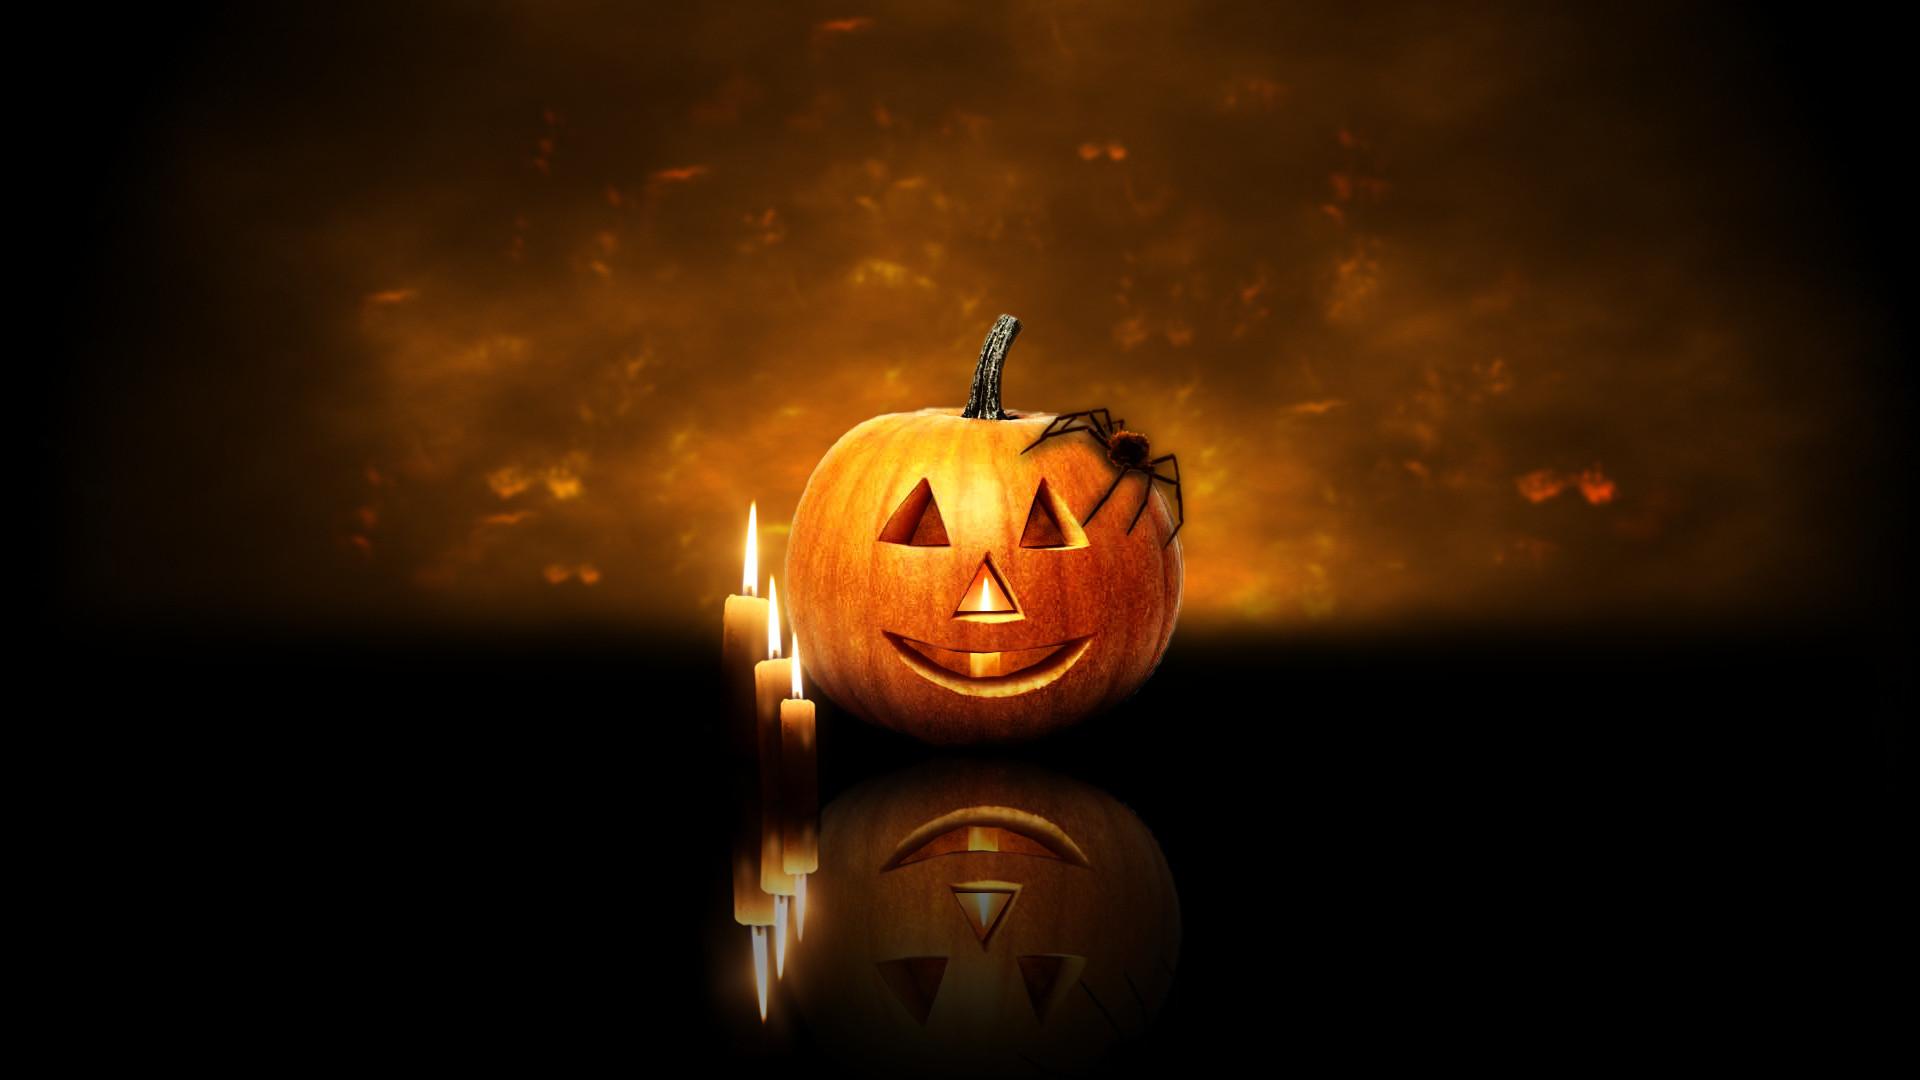 Halloween pumpkin 1920×1080